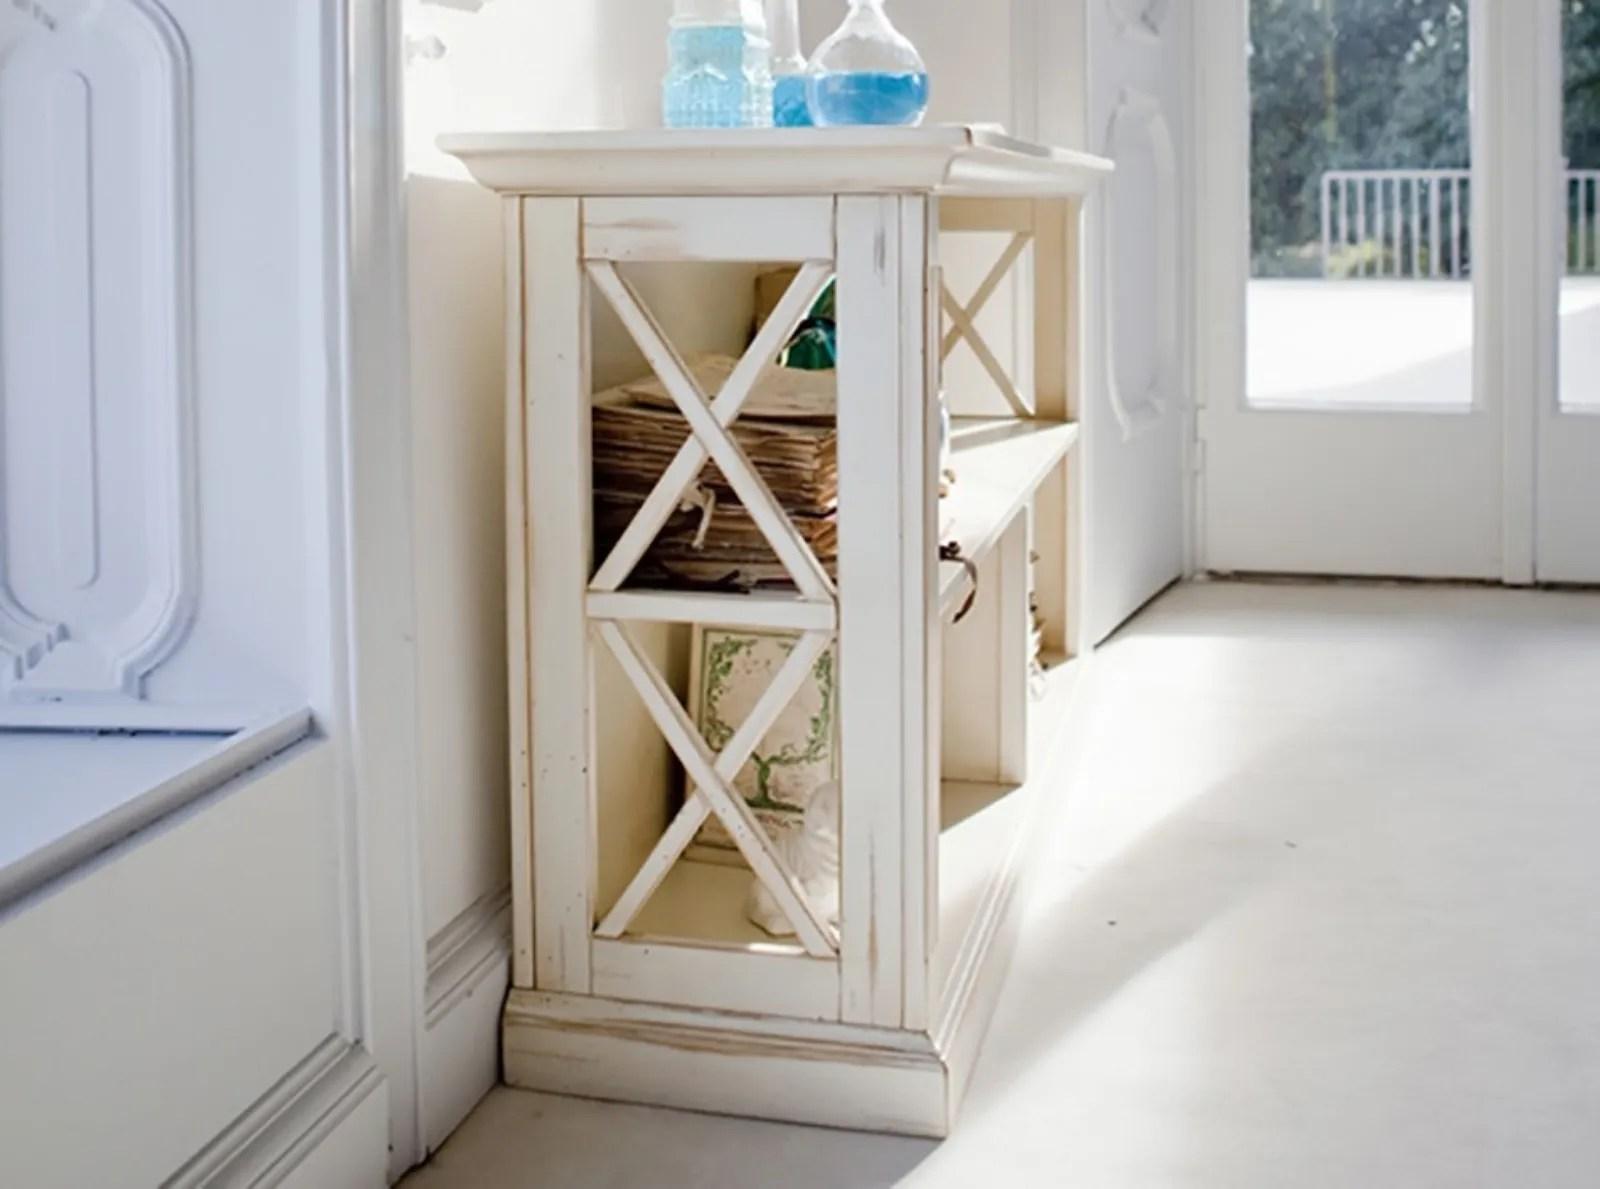 Le funzioni dei mobili per ingresso moderni. Mobili Per Ingresso Classici Per Sentirsi Subito A Casa